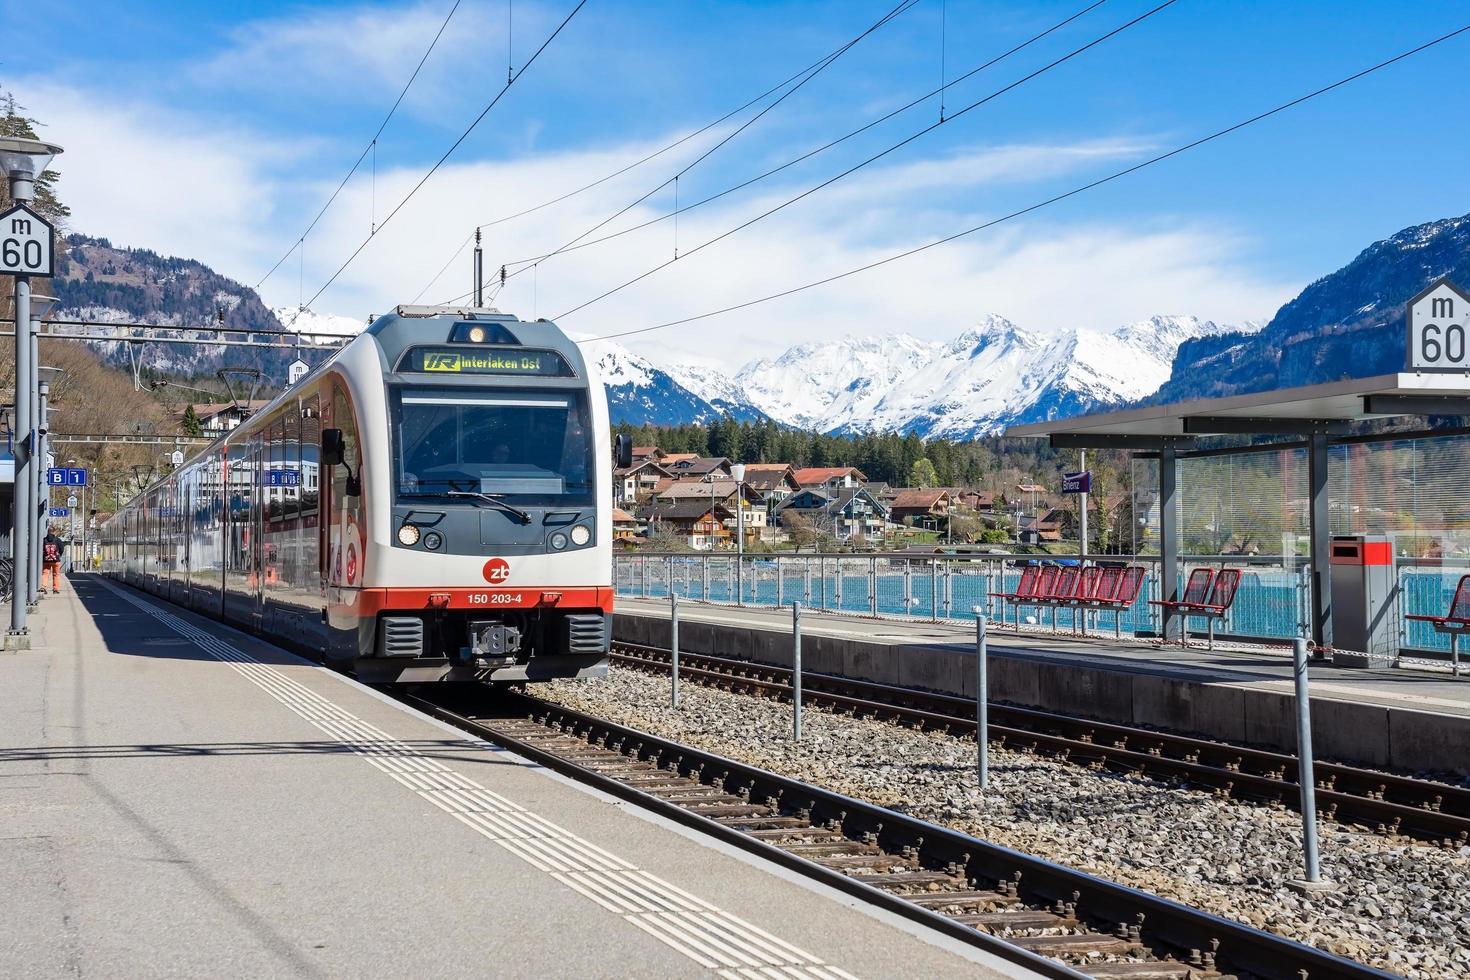 Treno in arrivo alla stazione ferroviaria locale sul lago di Brienz, Svizzera foto